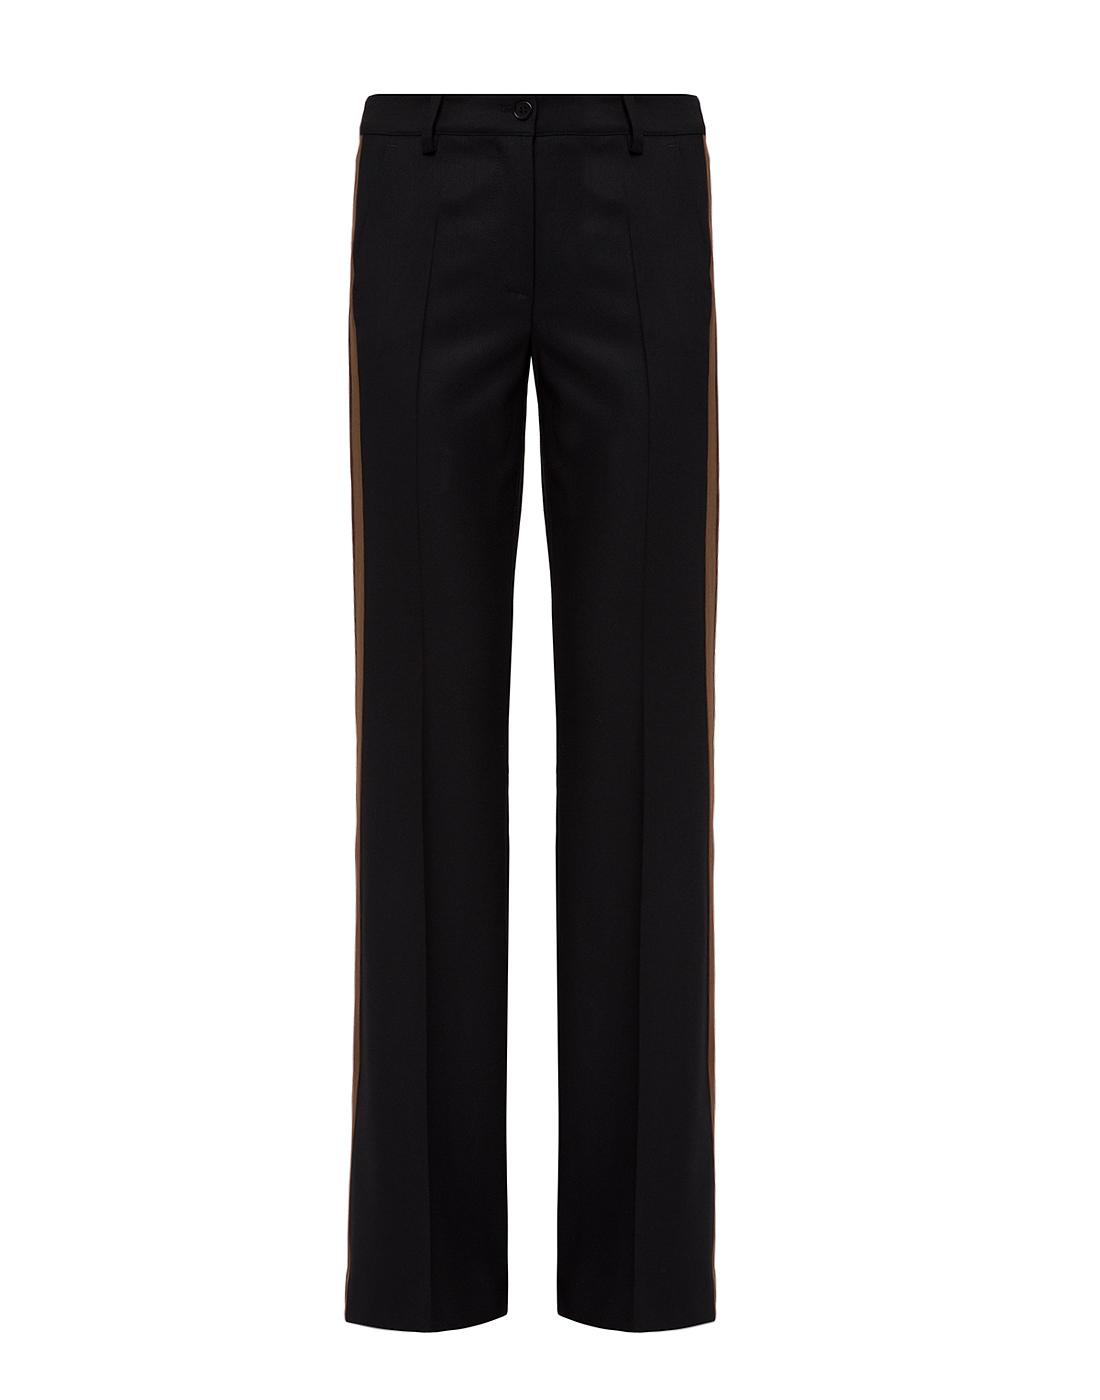 Женские черные шерстяные брюки P.A.R.O.S.H. SLILIU D230311-1